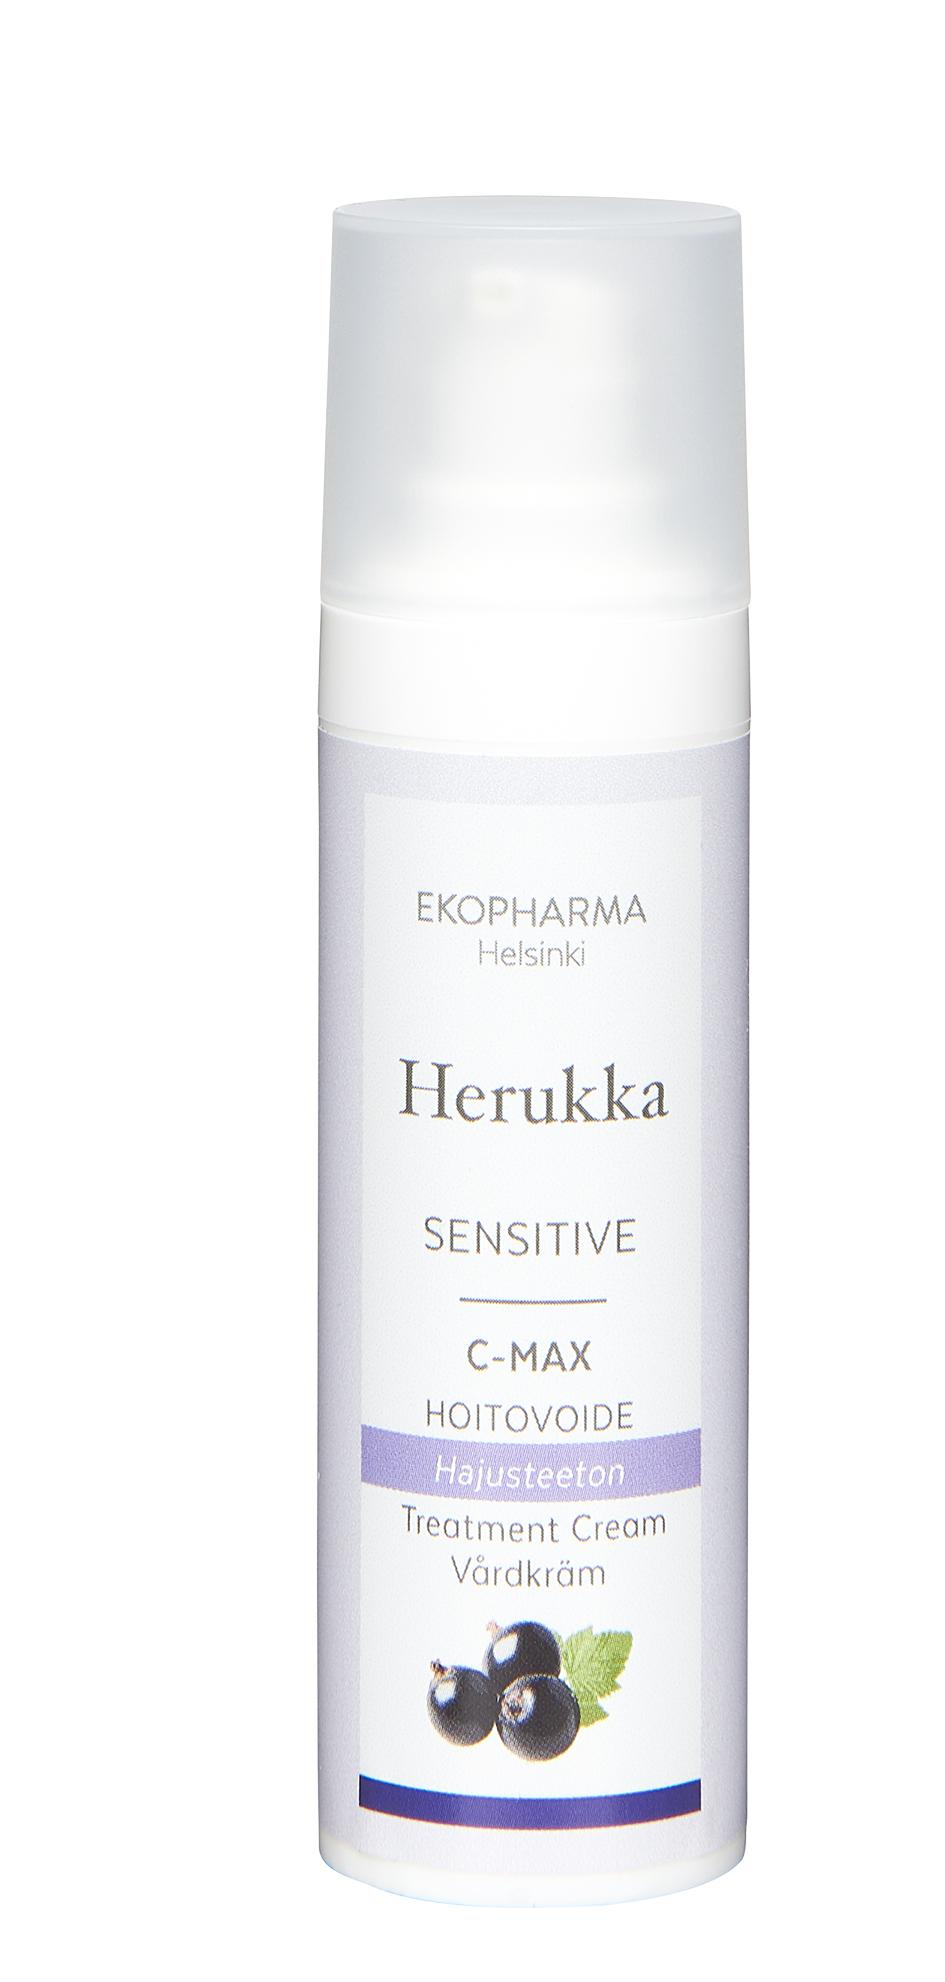 Herukka C-Max Hoitovoide 30ml (hajusteeton)